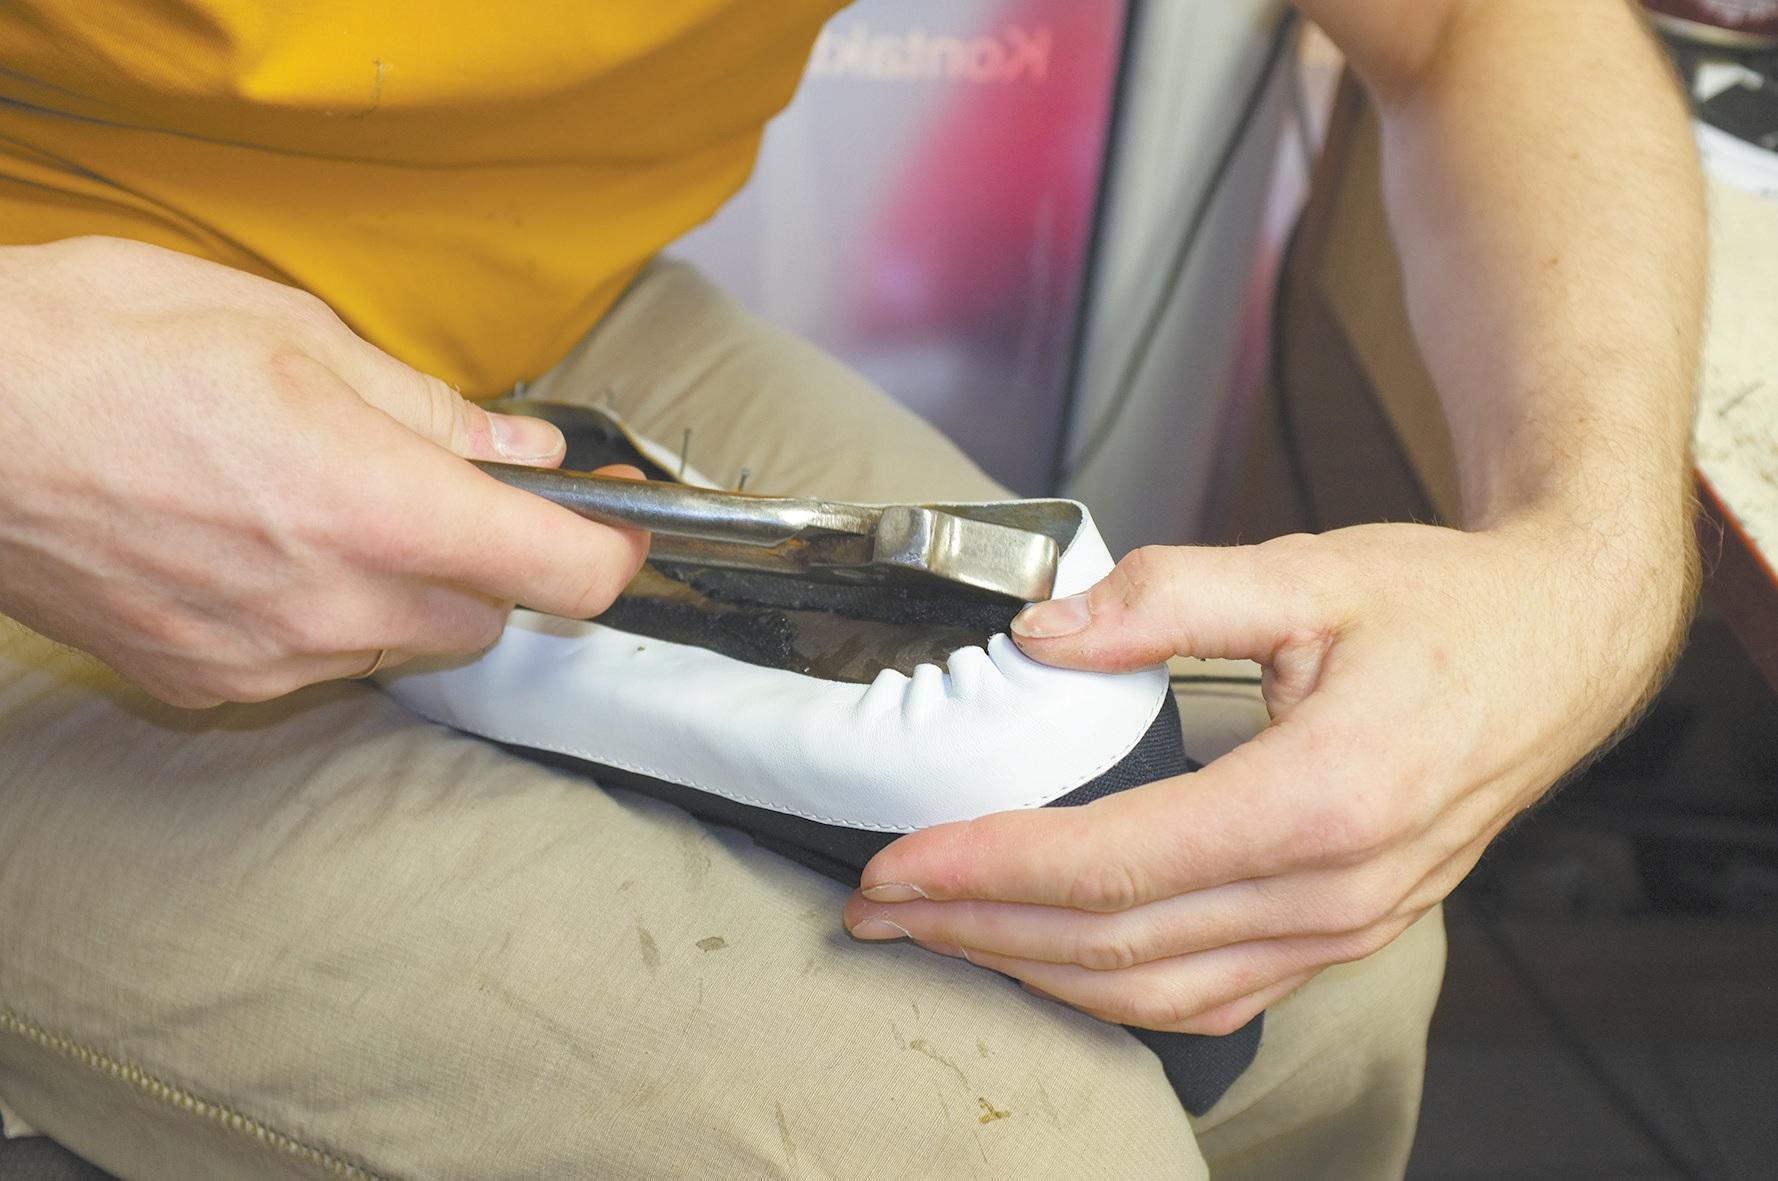 """Žanas Maslauskas: """"Žmonės kreipiasi, bet negali sau leisti mokėti 30 eurų už avalynės taisymą, nes jų pačių batai dažnu atveju tiek ir kainavo."""""""